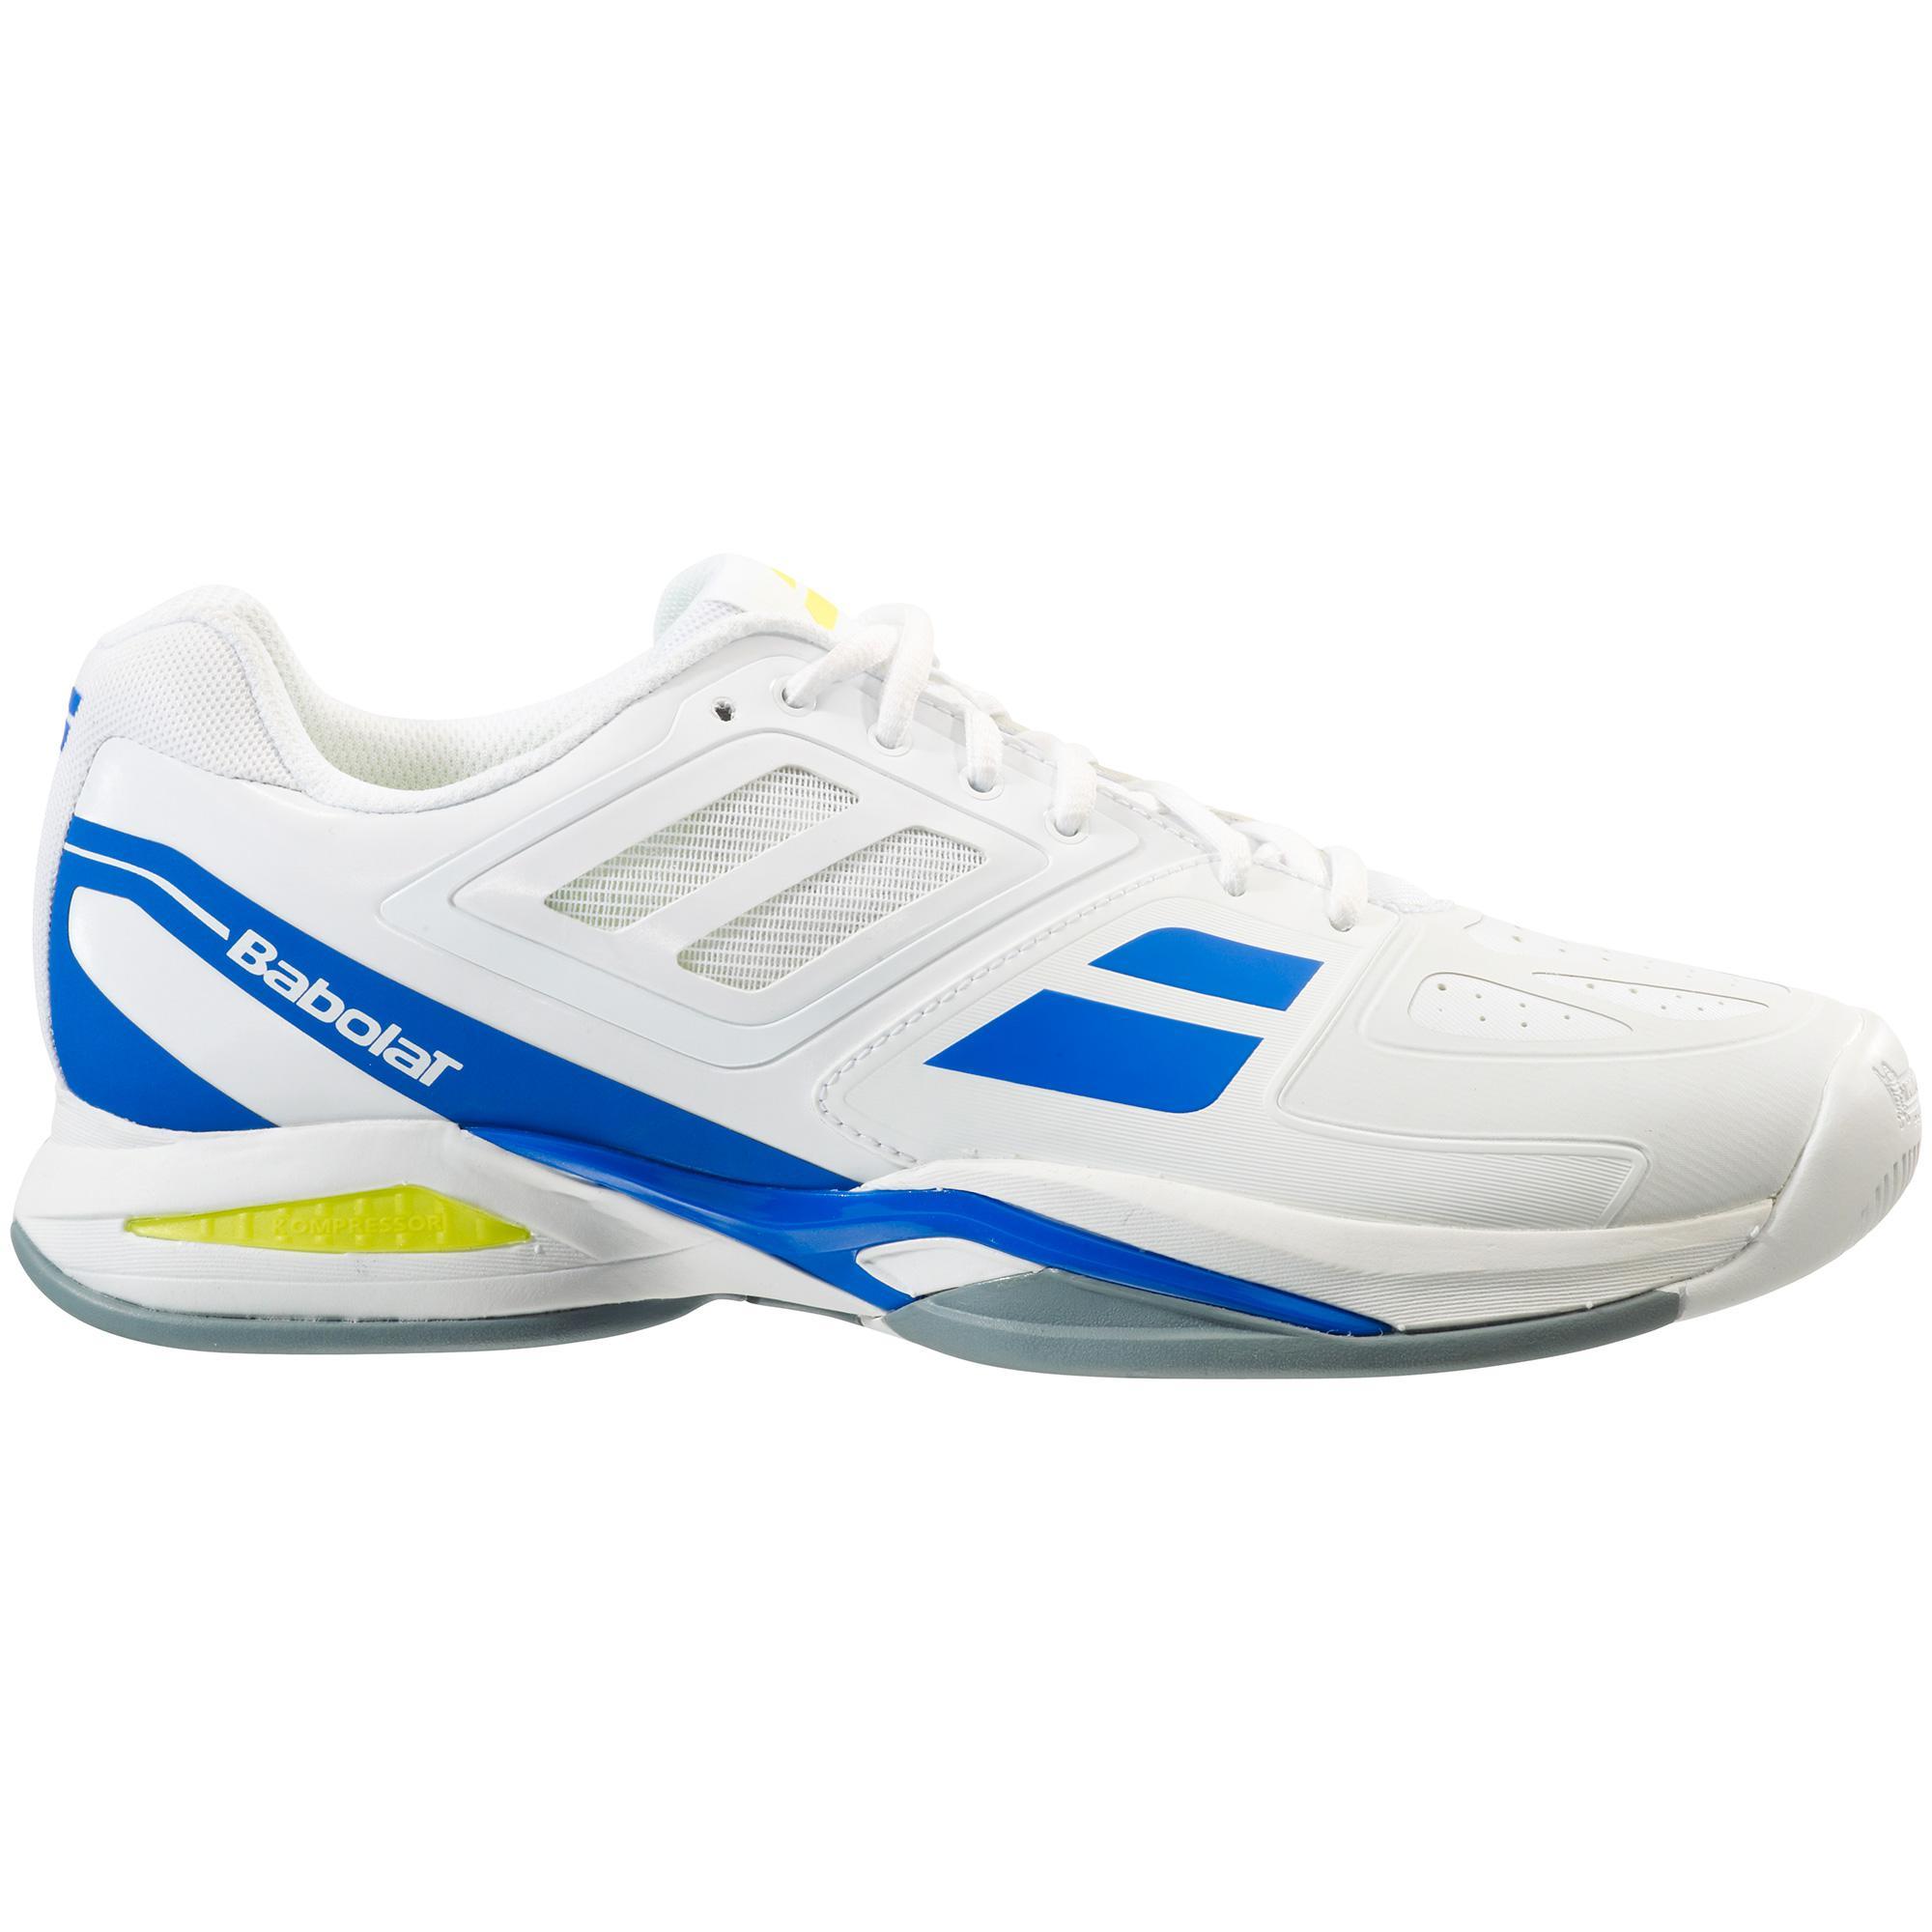 Babolat Propulse Court Shoes Mens